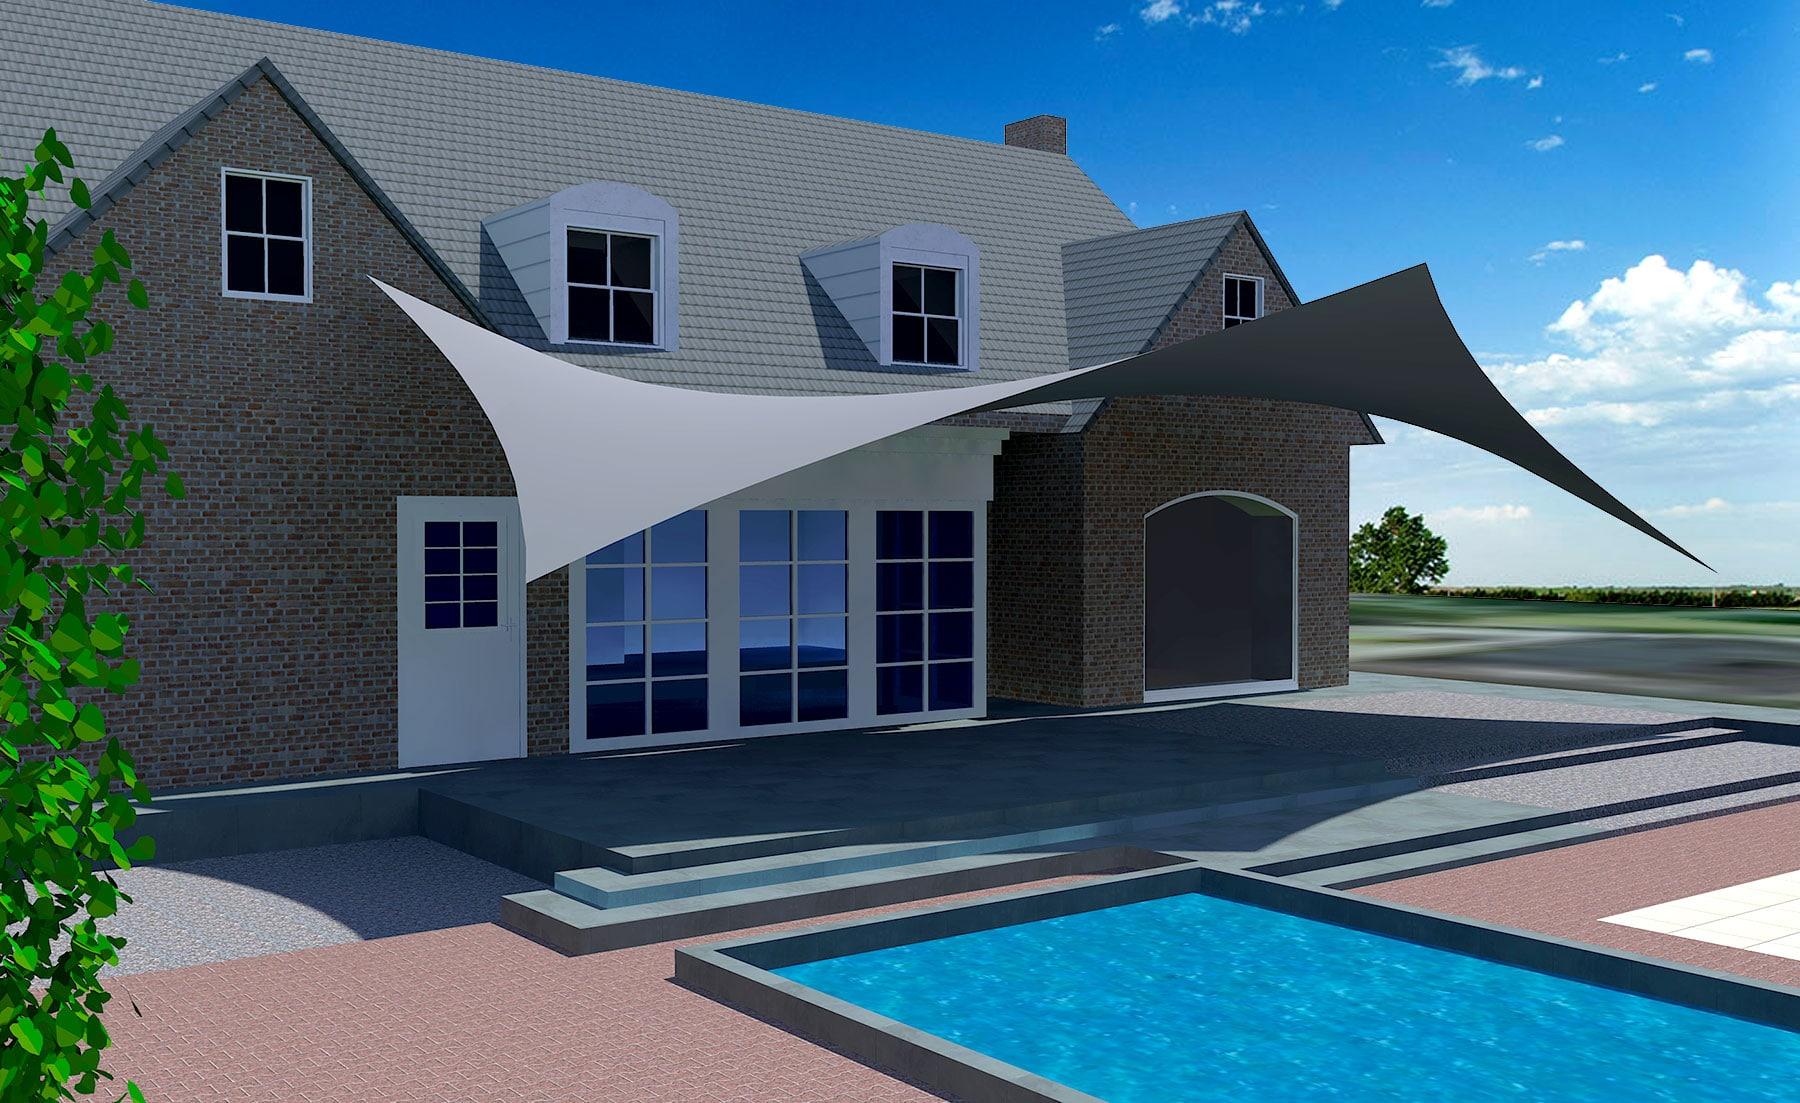 De vele mogelijkheden als een vrijstaande carport of vast aan huis komen wij bij u thuis presenteren aan de hand van een 3D-studie.